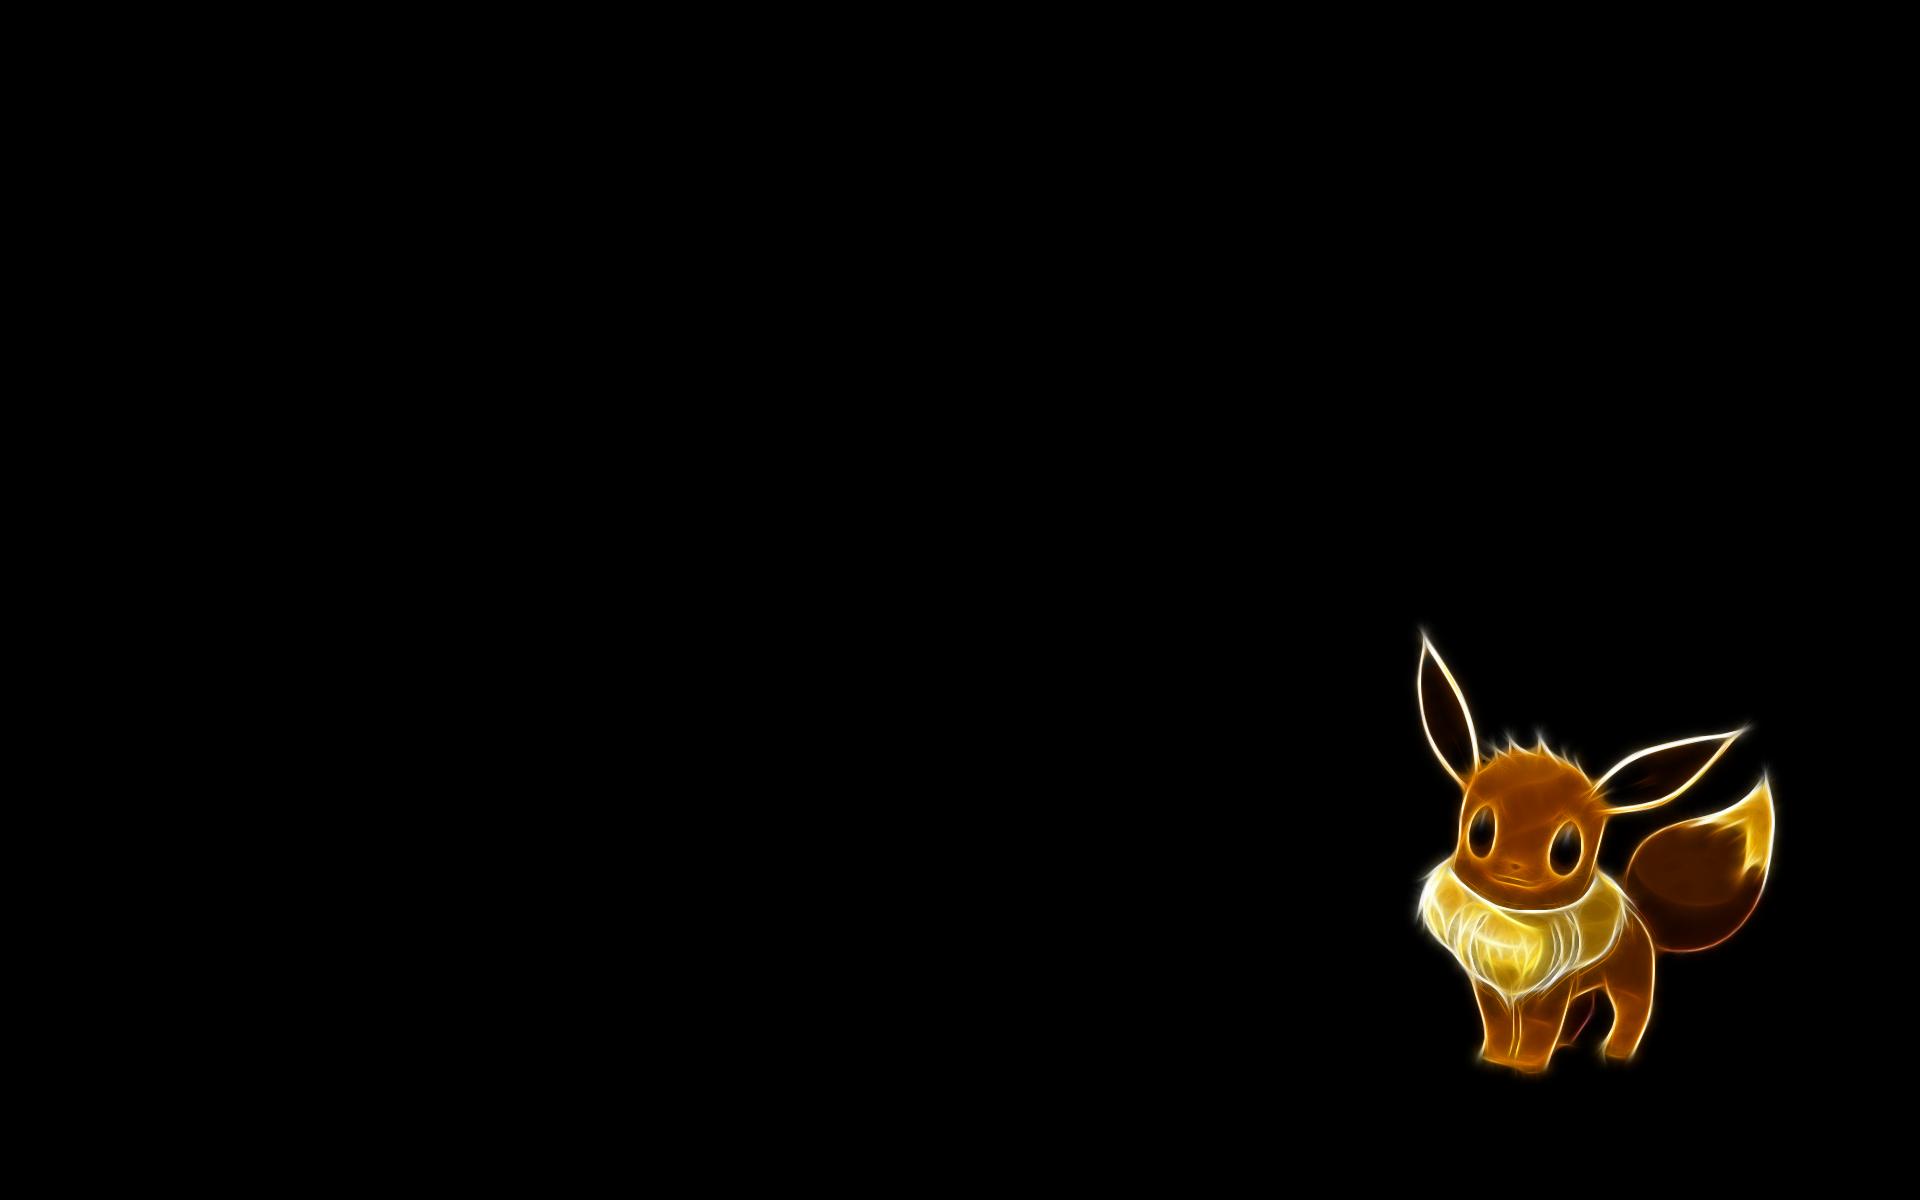 Pokemon Phone Eevee Background Hd Eevee Wallpaper Pokemon Pokemon Eeveelutions